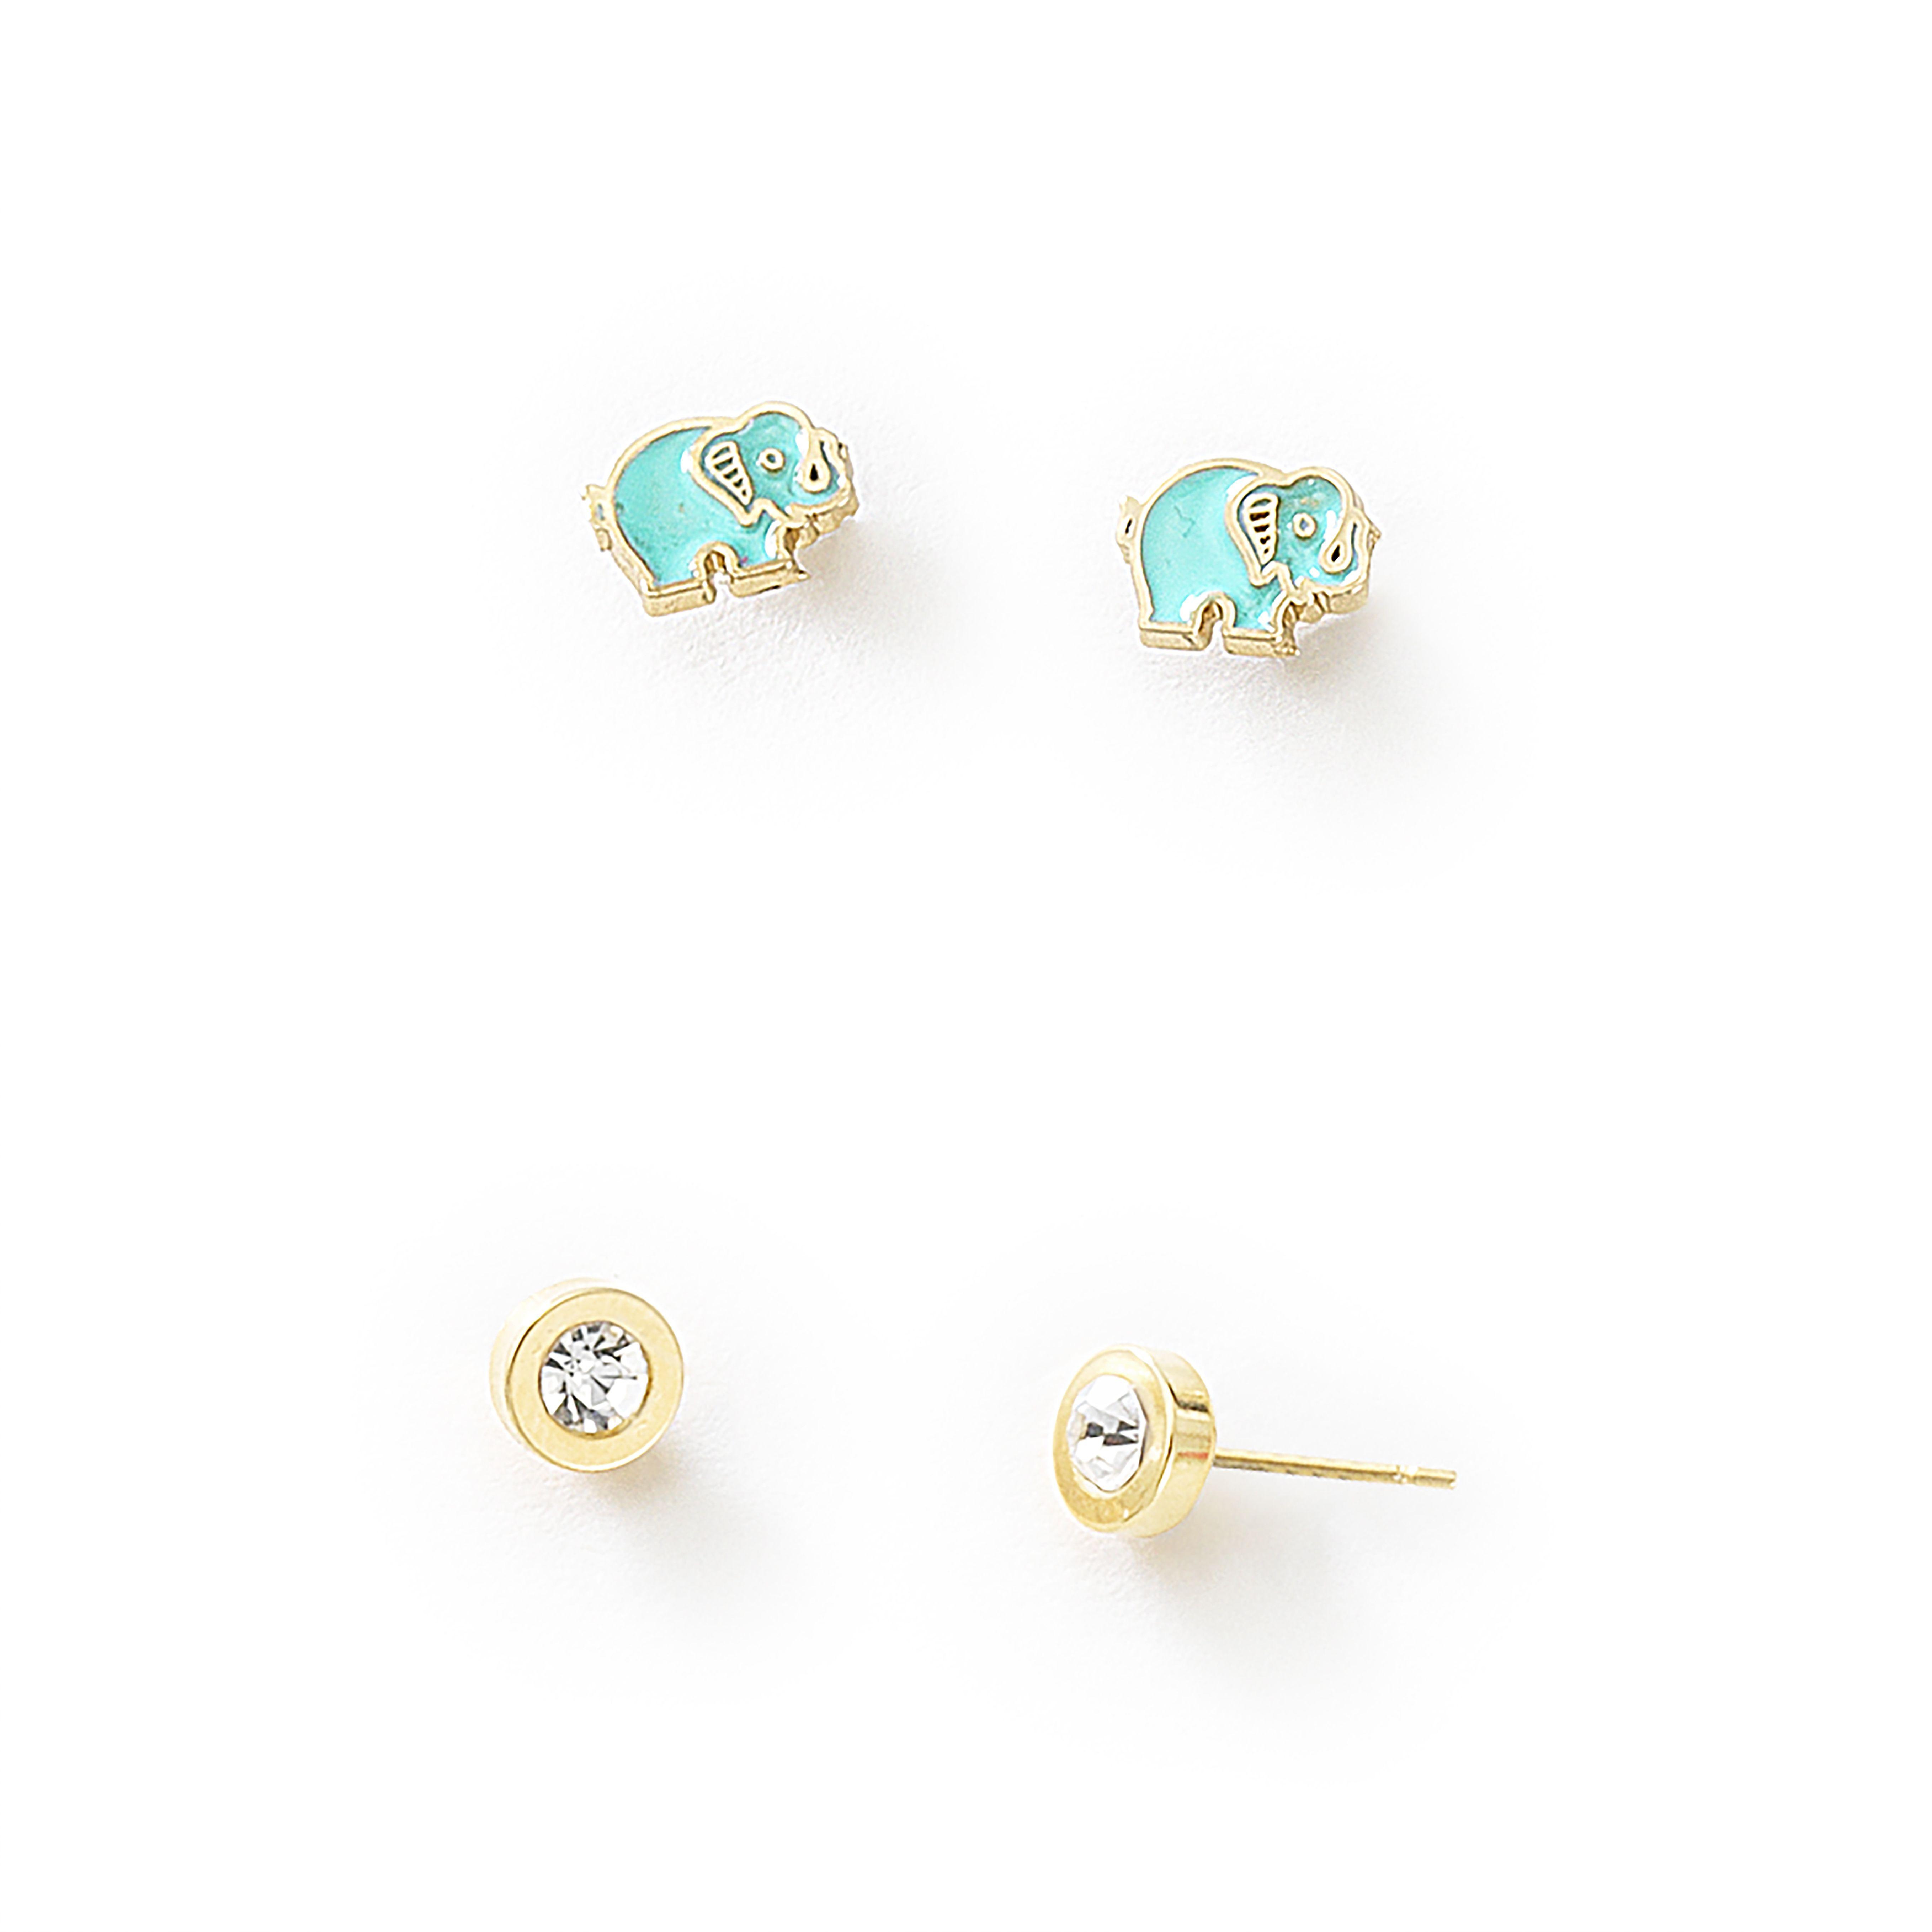 8730faf83779 Dos pares de aretes. Aretes pequeños en forma de elefante en color azul con  estructura en 4 baños de oro de 18 Kl. Aretes pequeños con piedra de  cristal ...